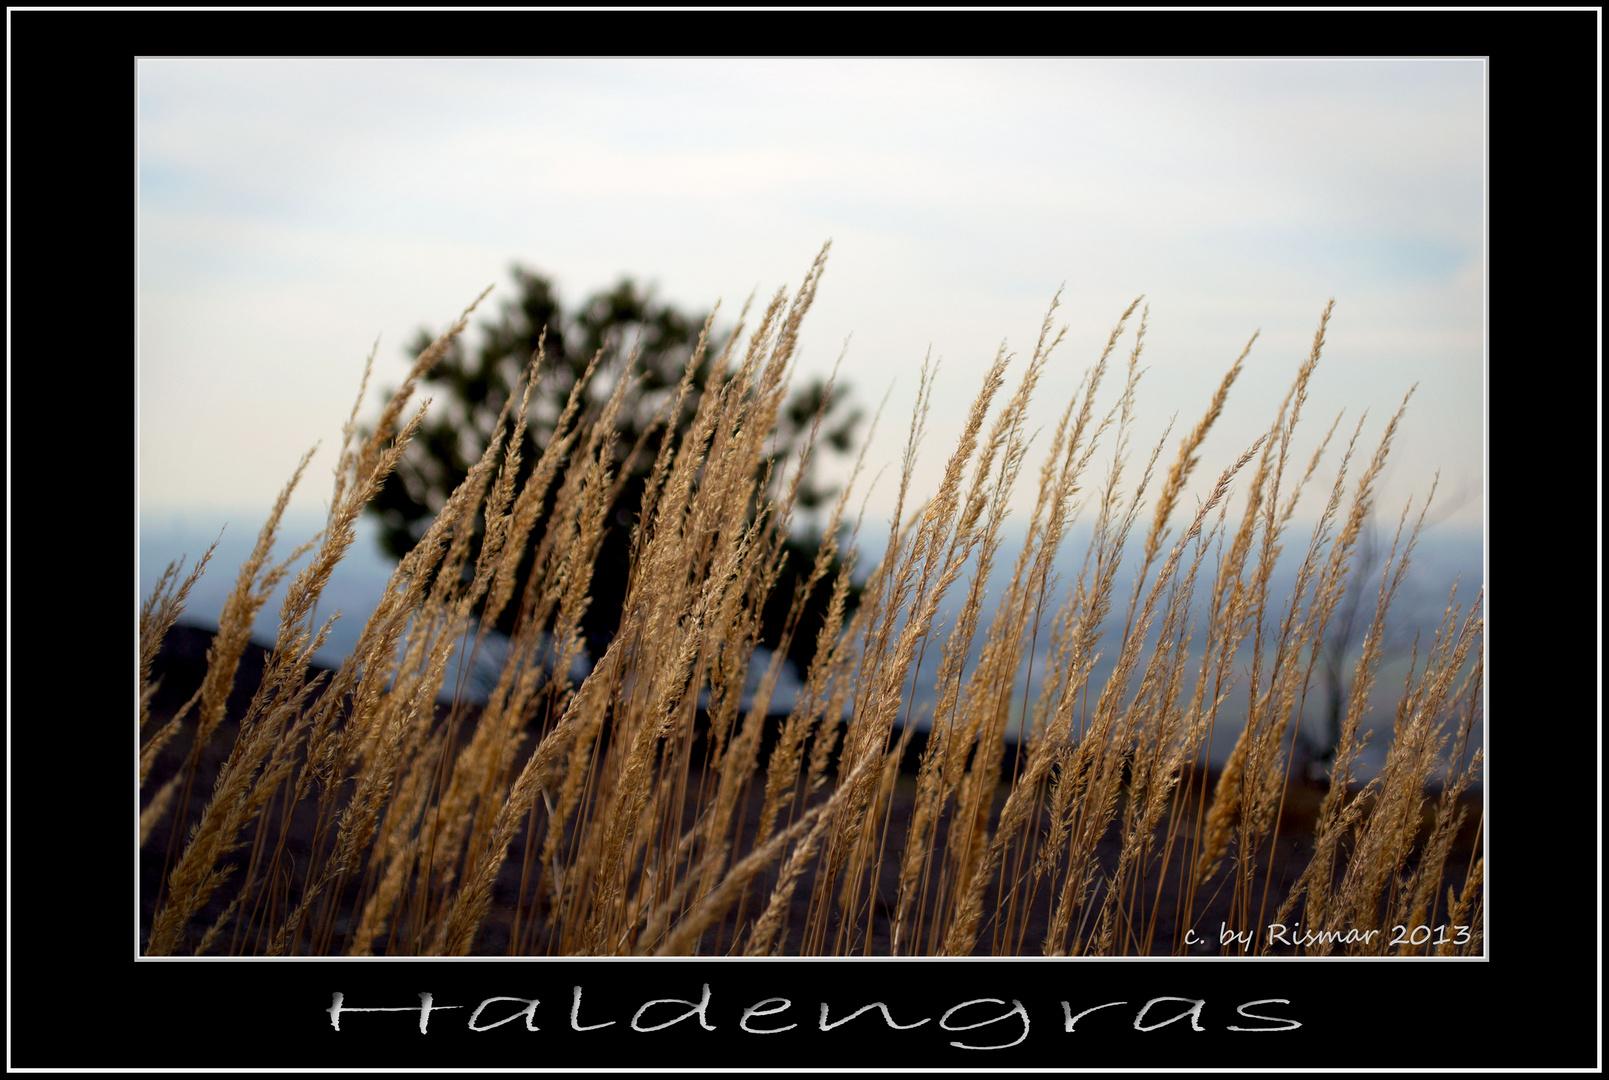 Haldengras